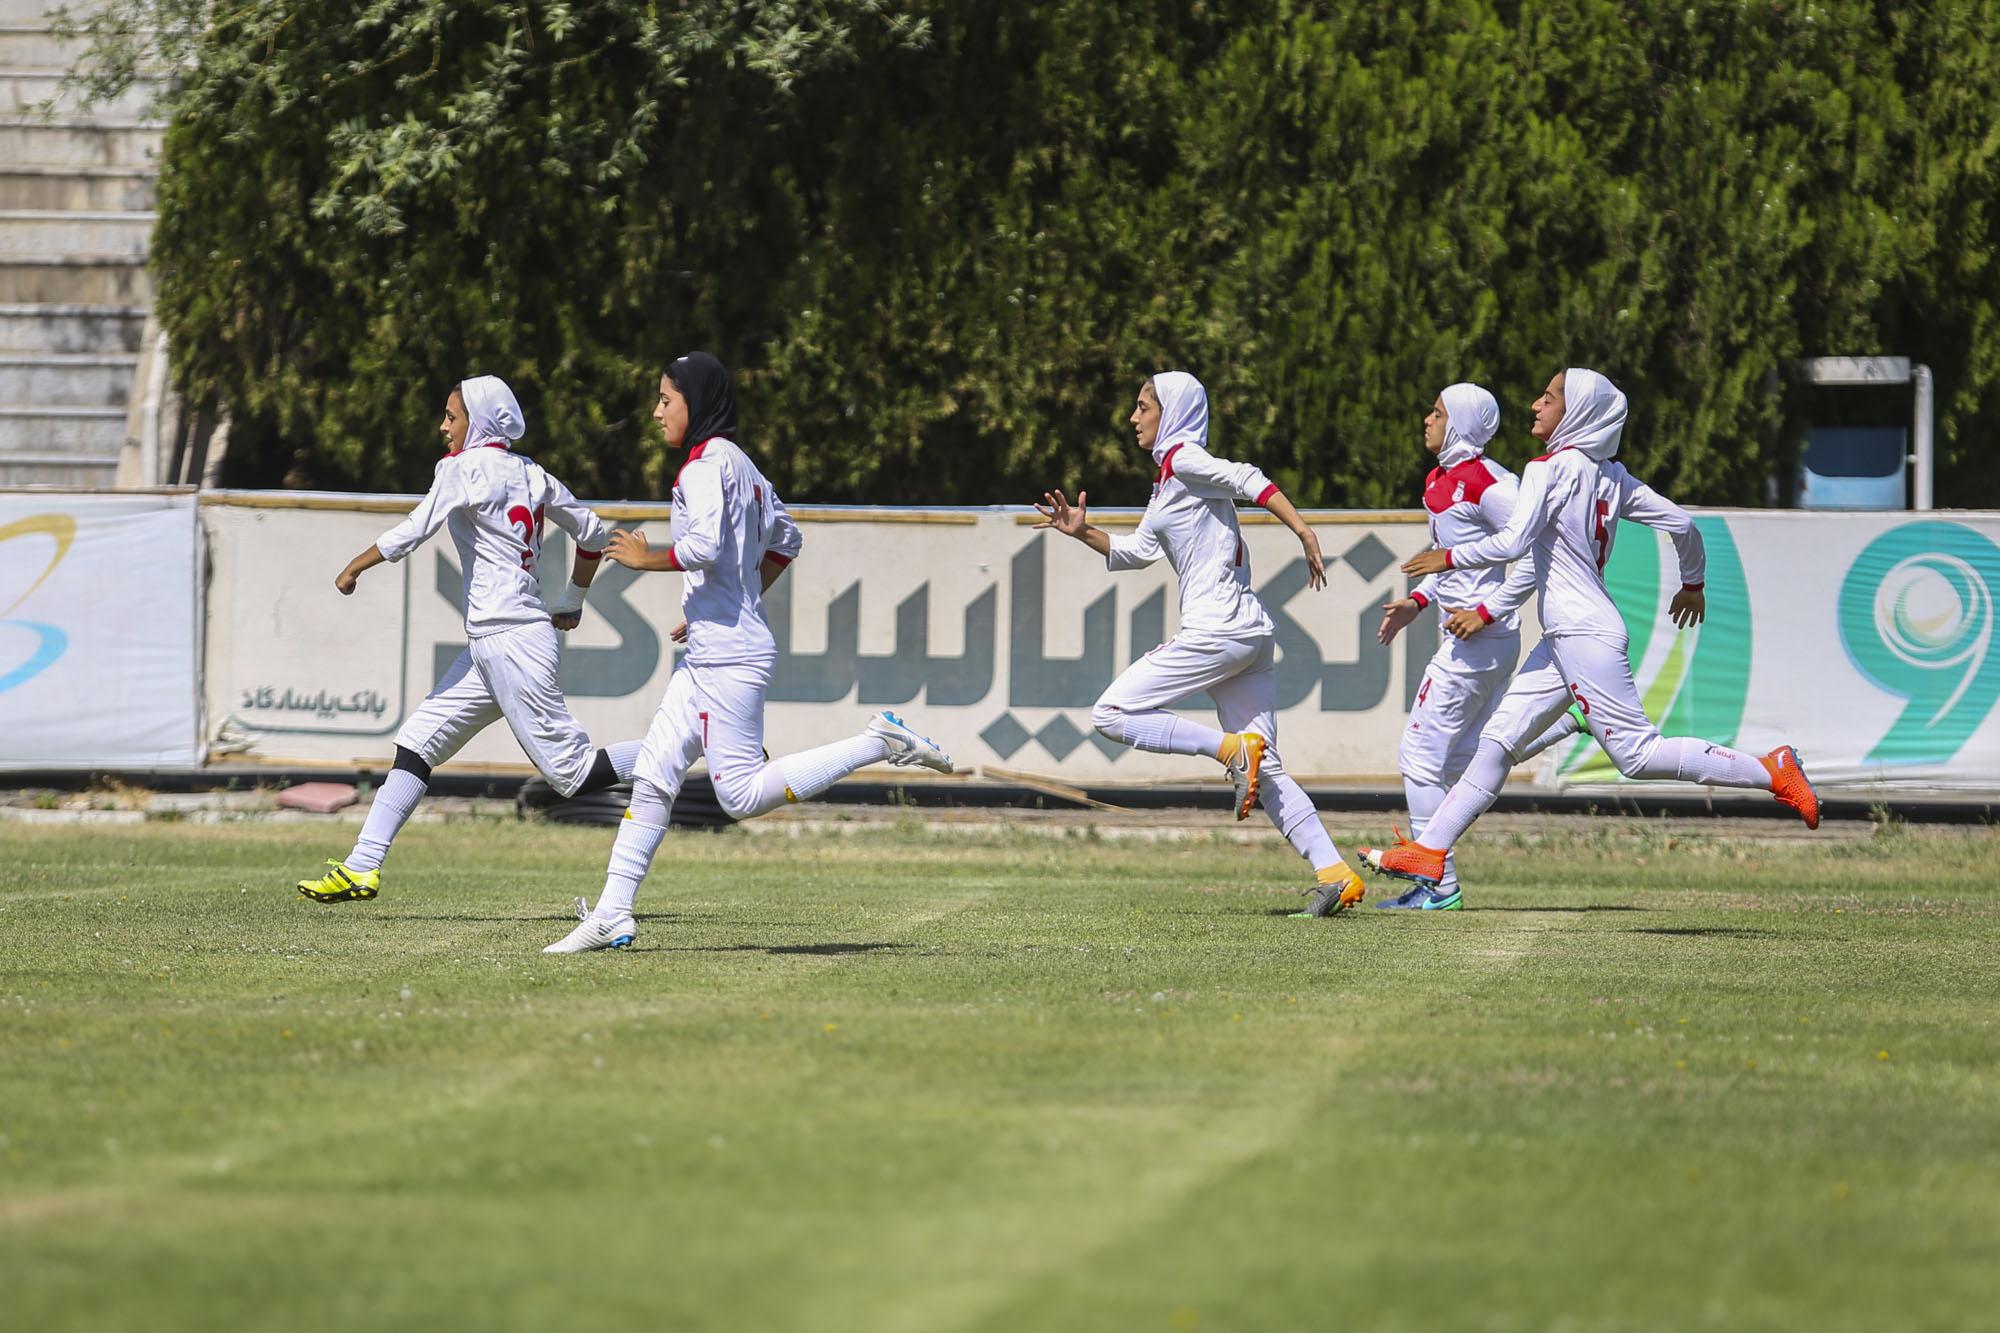 کرمان در تیم ملی نوجوانان هم دو دختر دارد